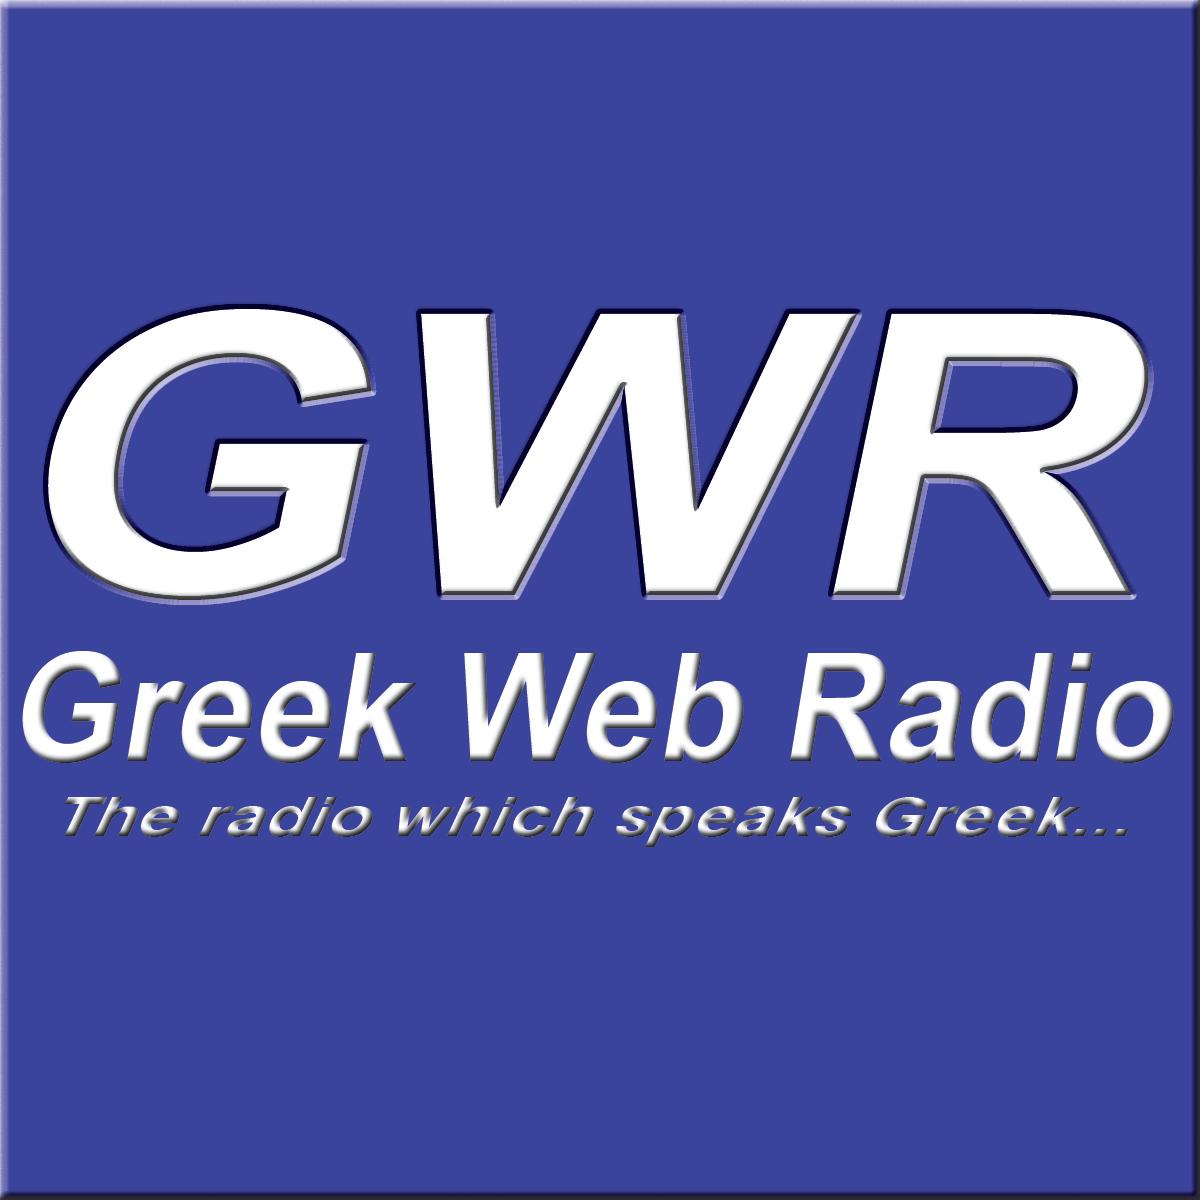 Greek Web Radio